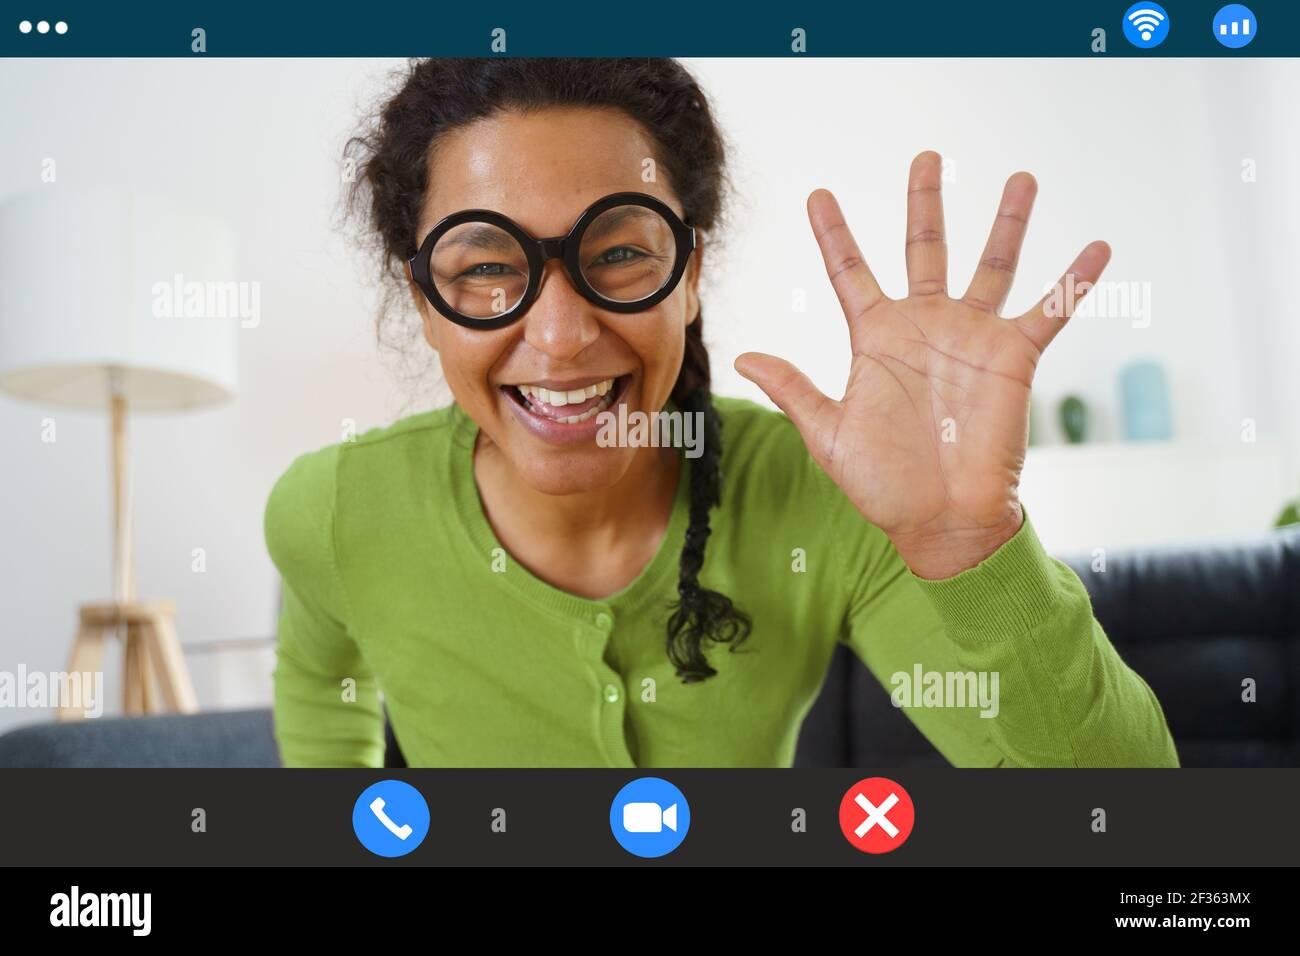 Une femme afro-américaine joyeuse fait un appel vidéo Banque D'Images